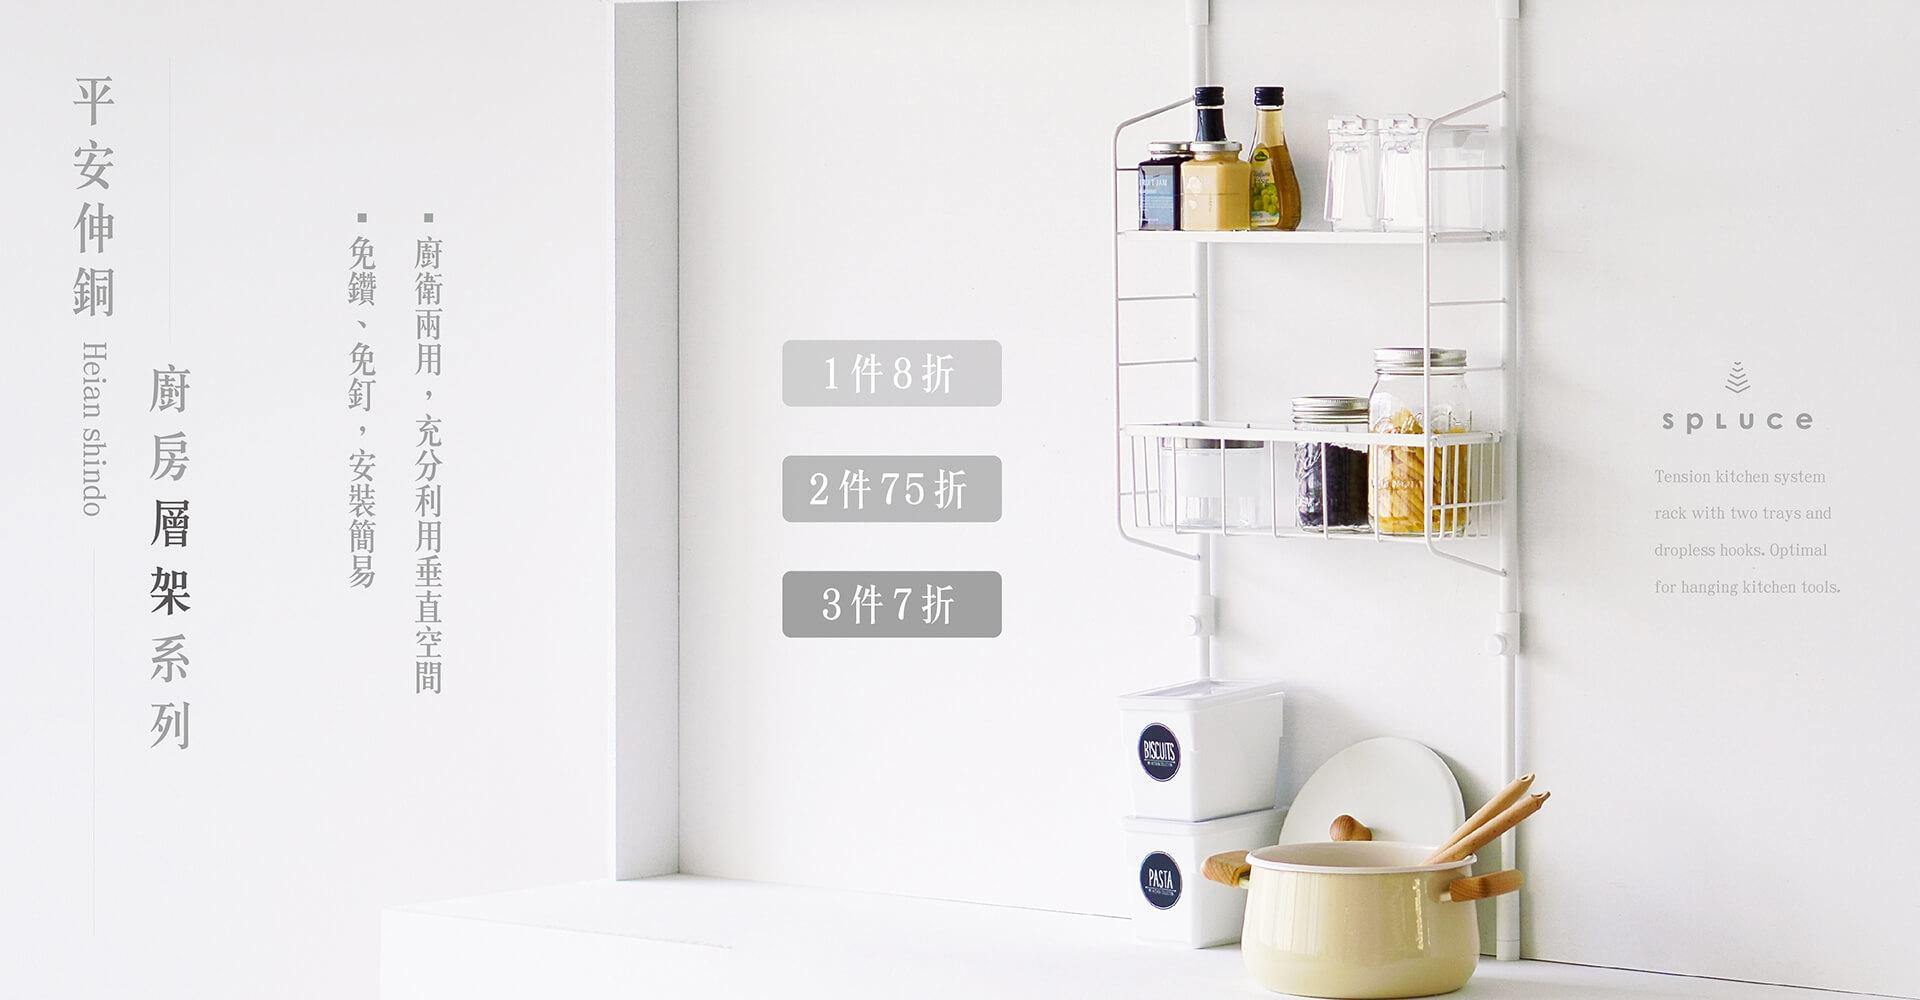 廚房,收納,碗筷,鍋子,整齊